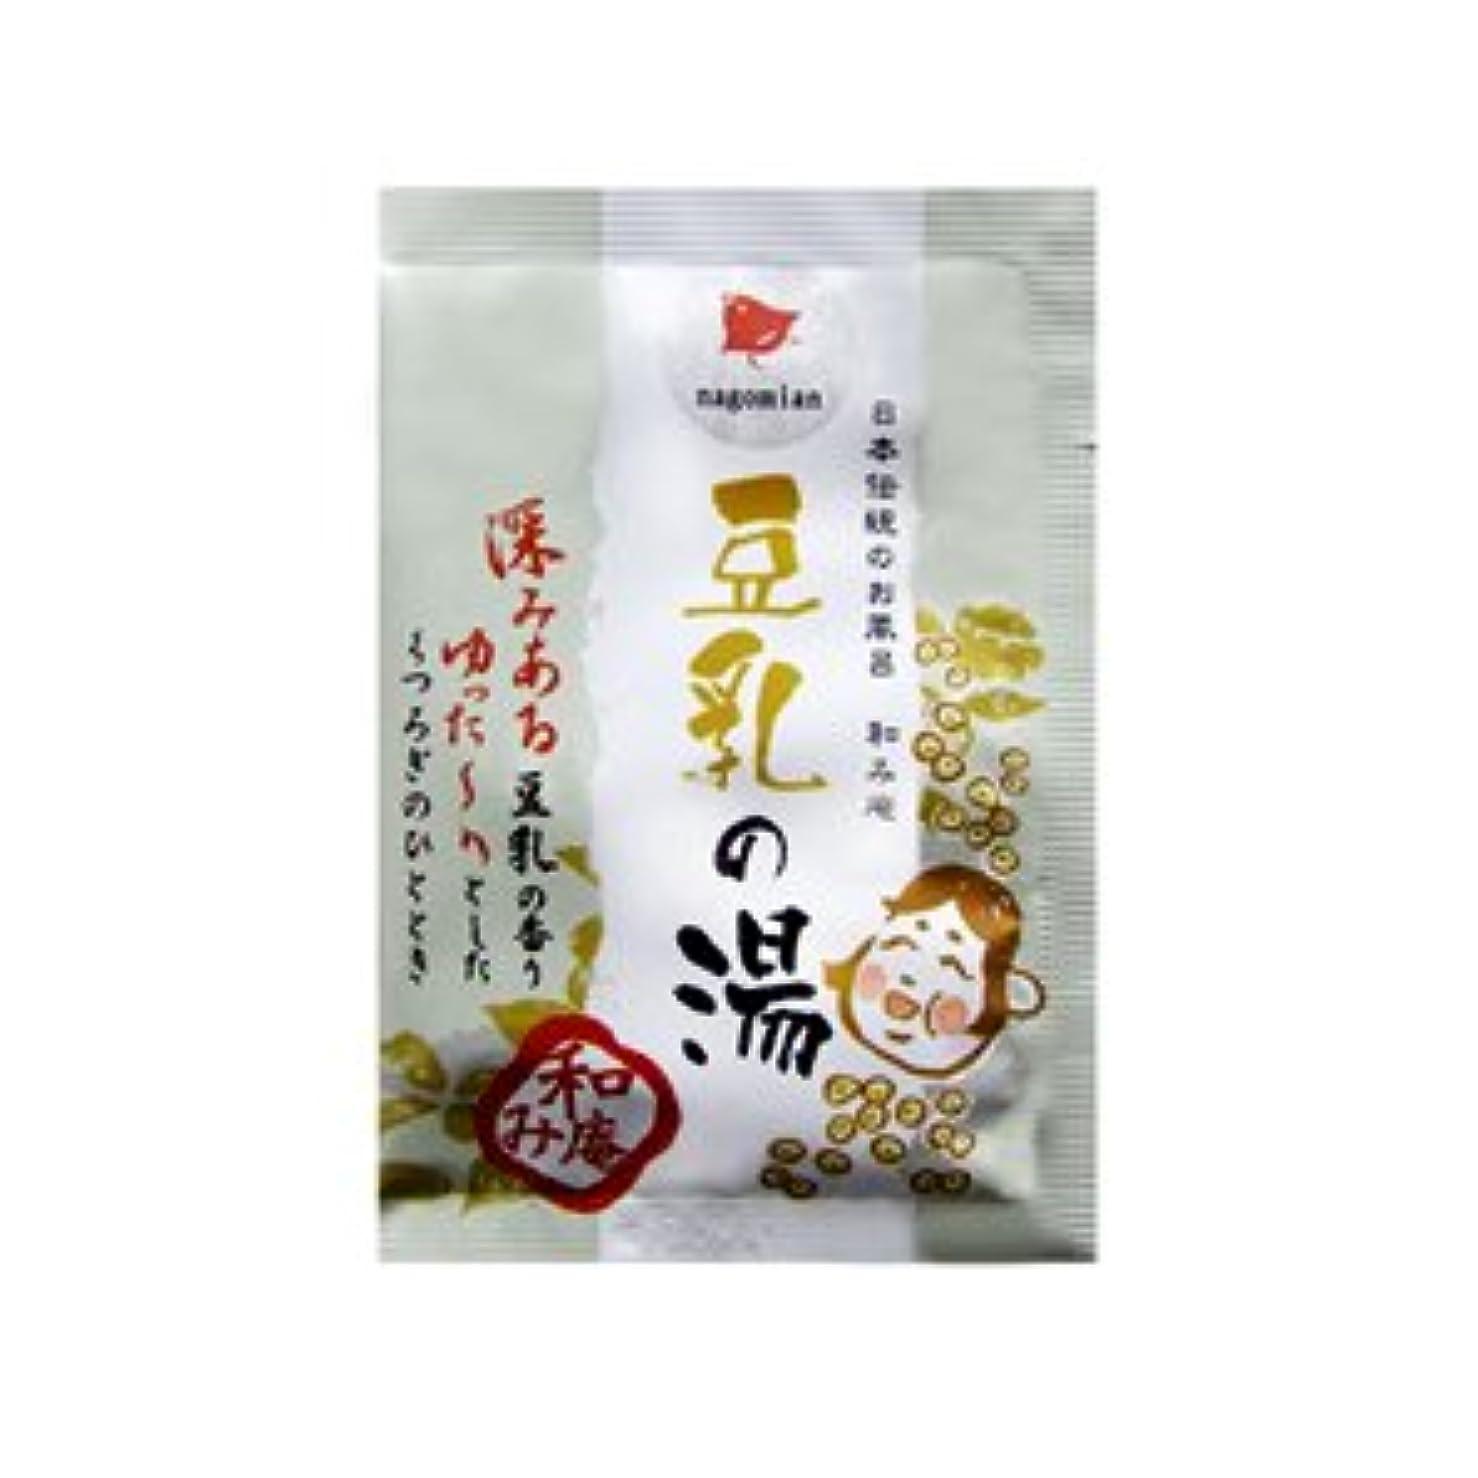 ユダヤ人ソート残高日本伝統のお風呂 和み庵 豆乳の湯 25g 10個セット